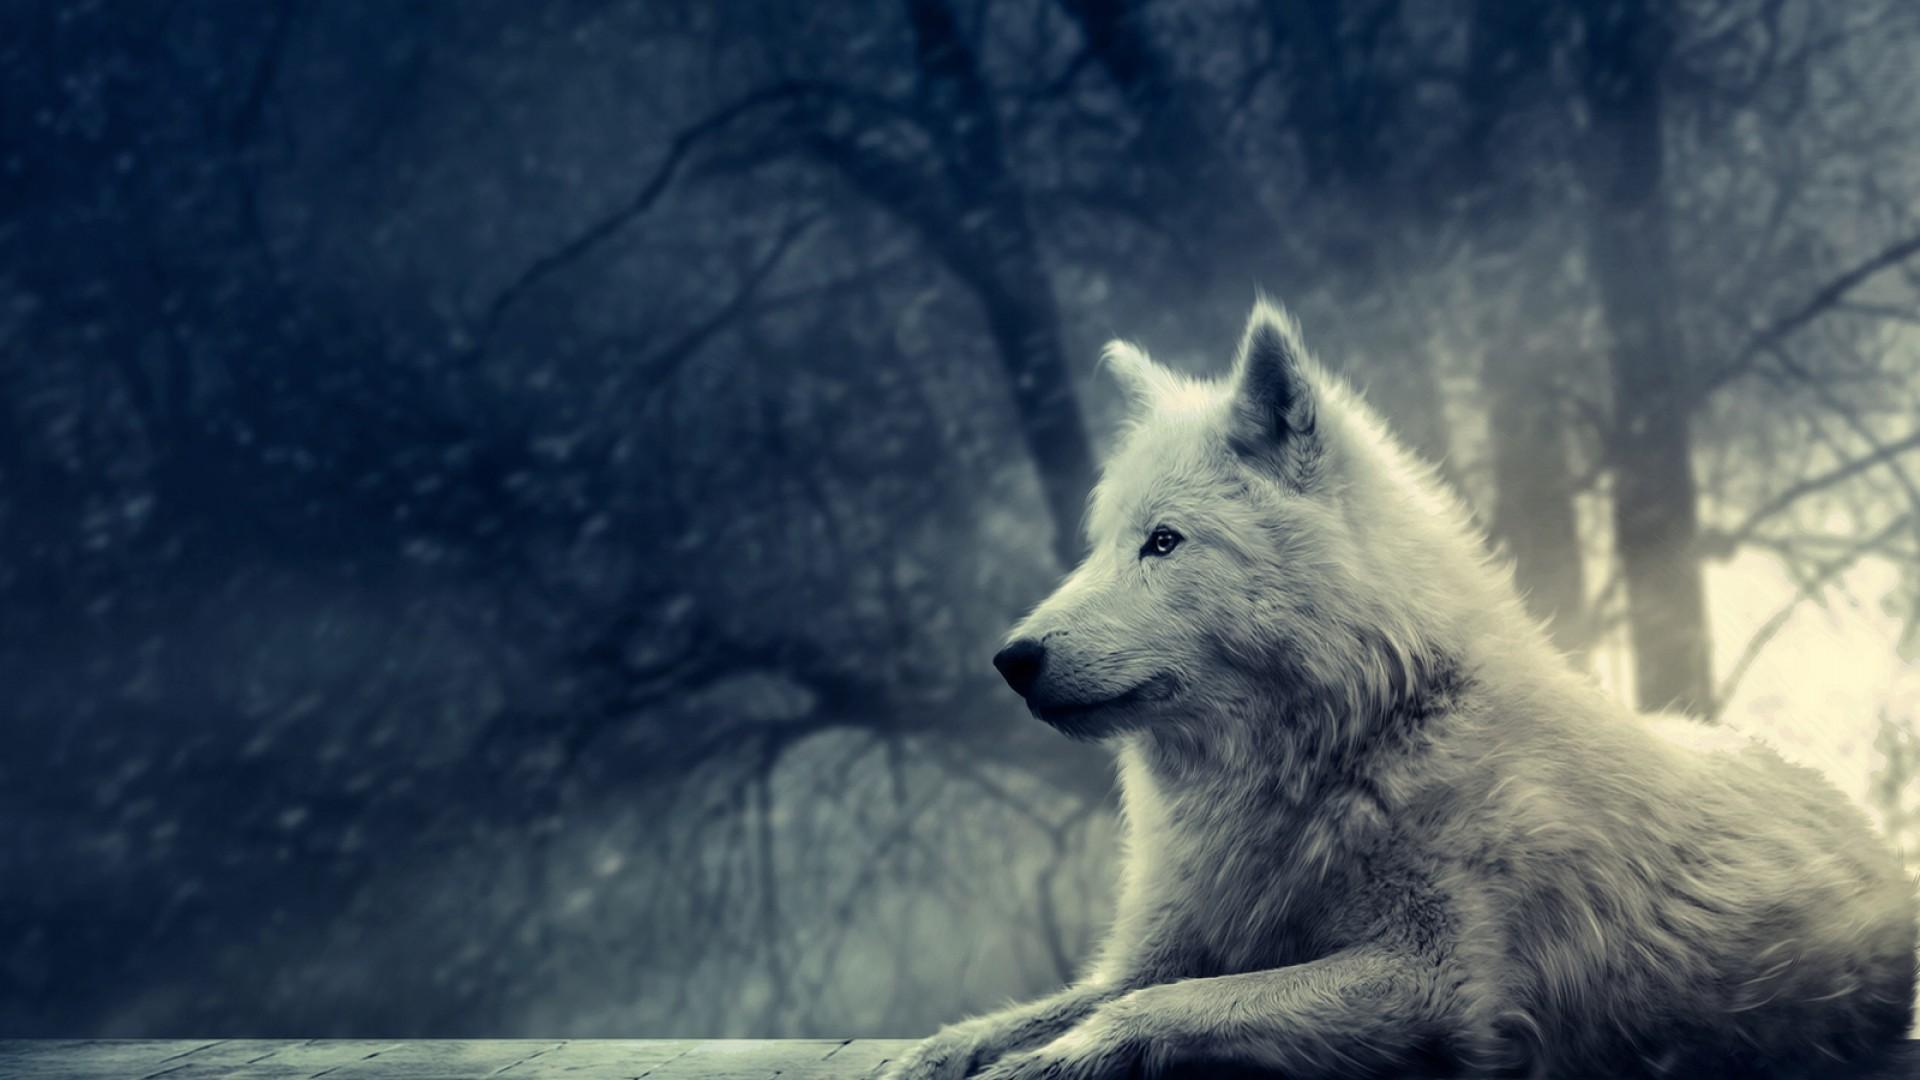 1920x1080 Hình nền chó sói HD miễn phí